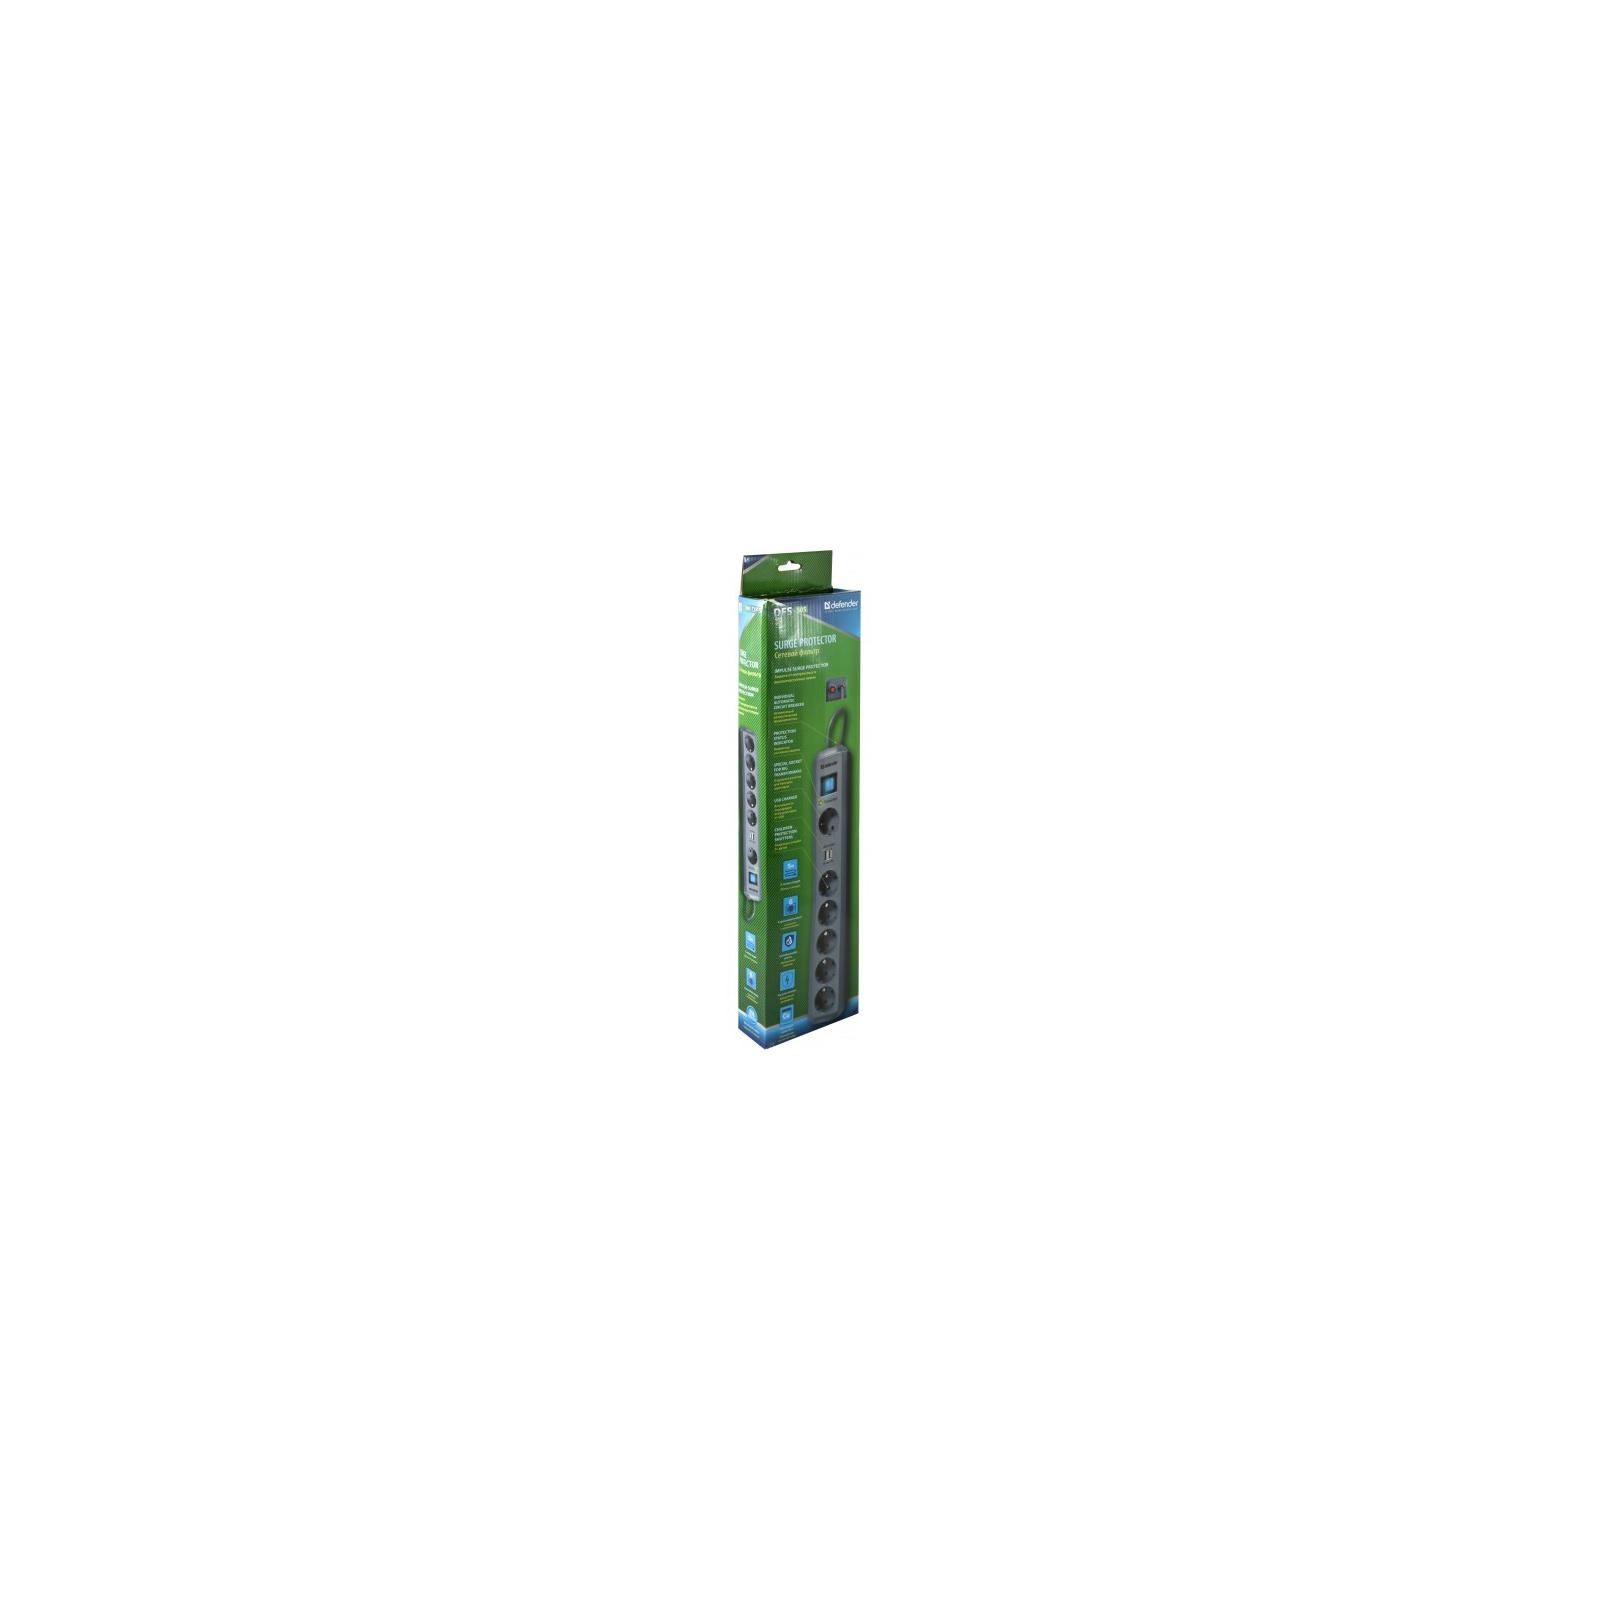 Сетевой фильтр питания Defender DEFENDER DFS 505 5m 6 роз. 2 USB порта (99055) изображение 3